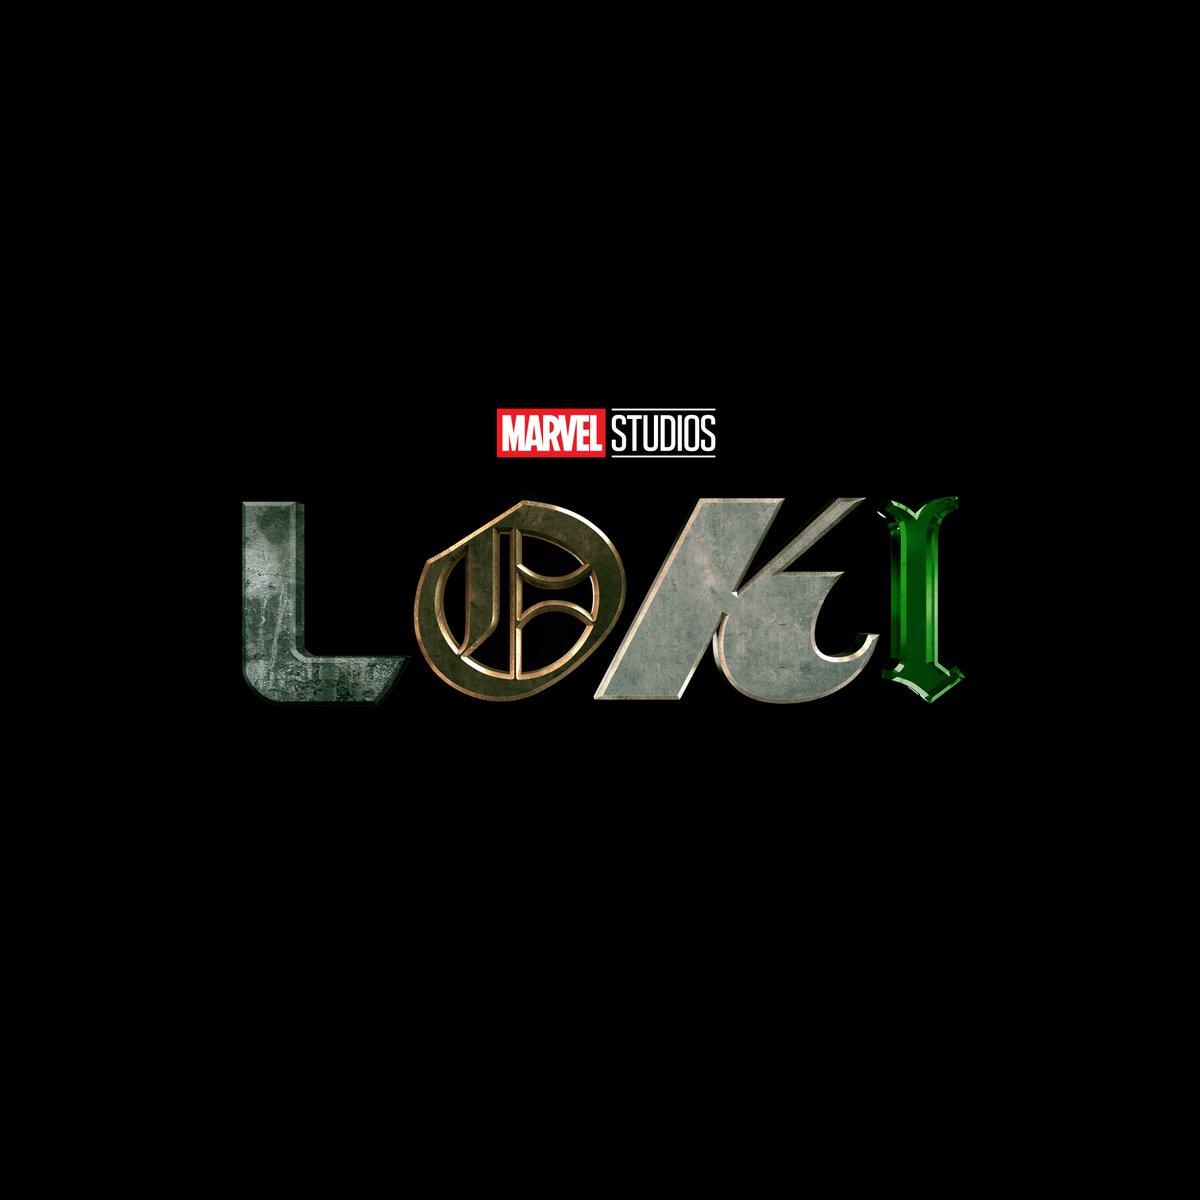 Loki estará conectada a la película de Doctor Strange.